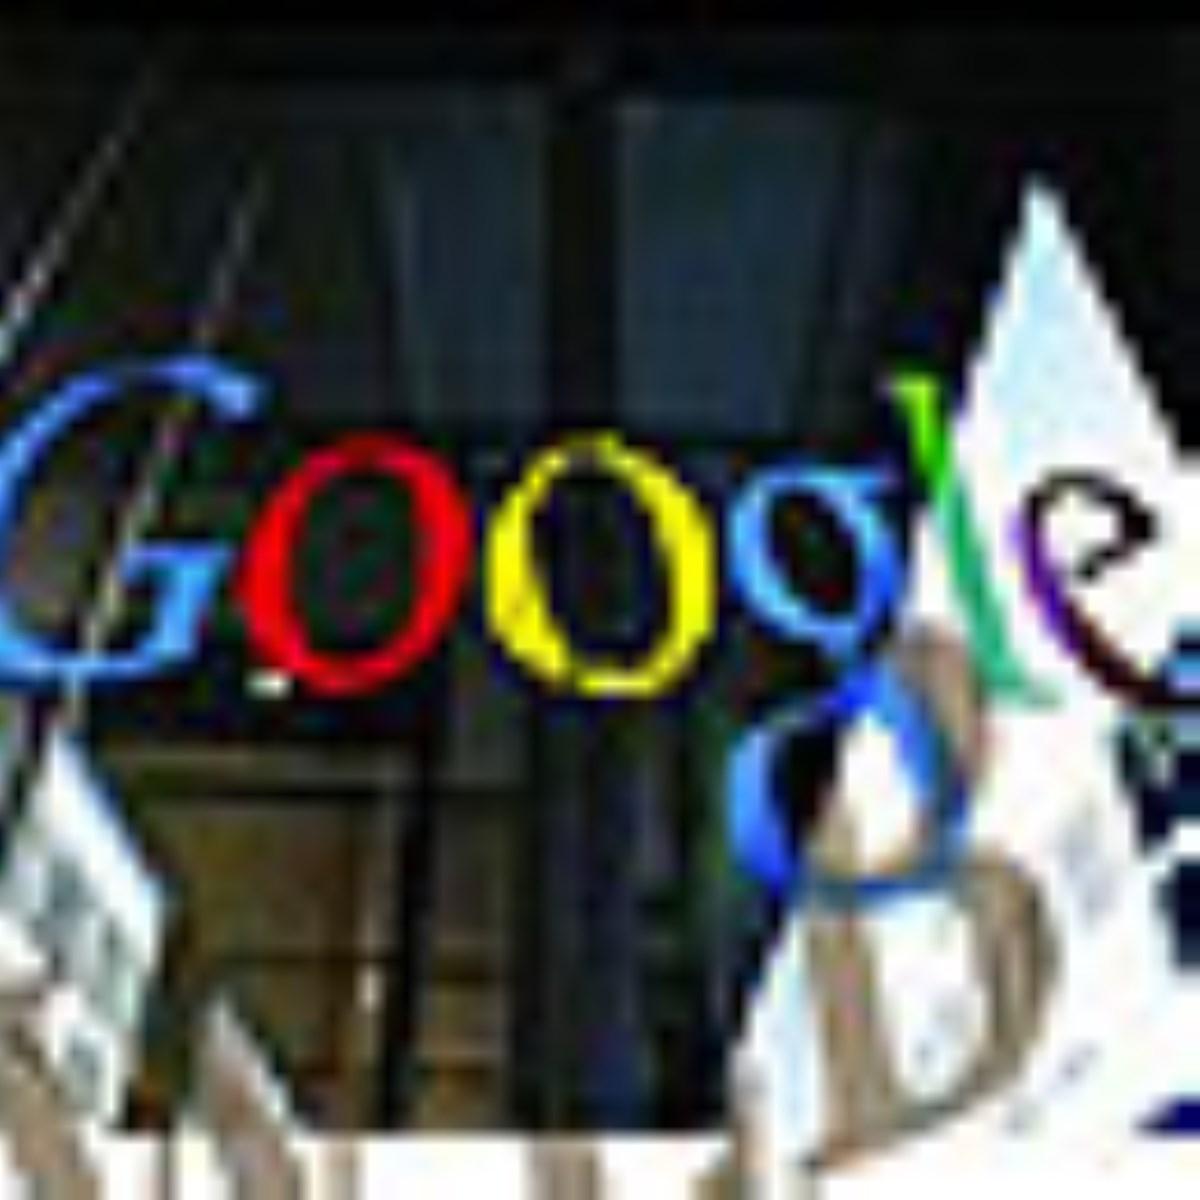 ثبت کردن وبلاگ در گوگل و موتورهای جستجو